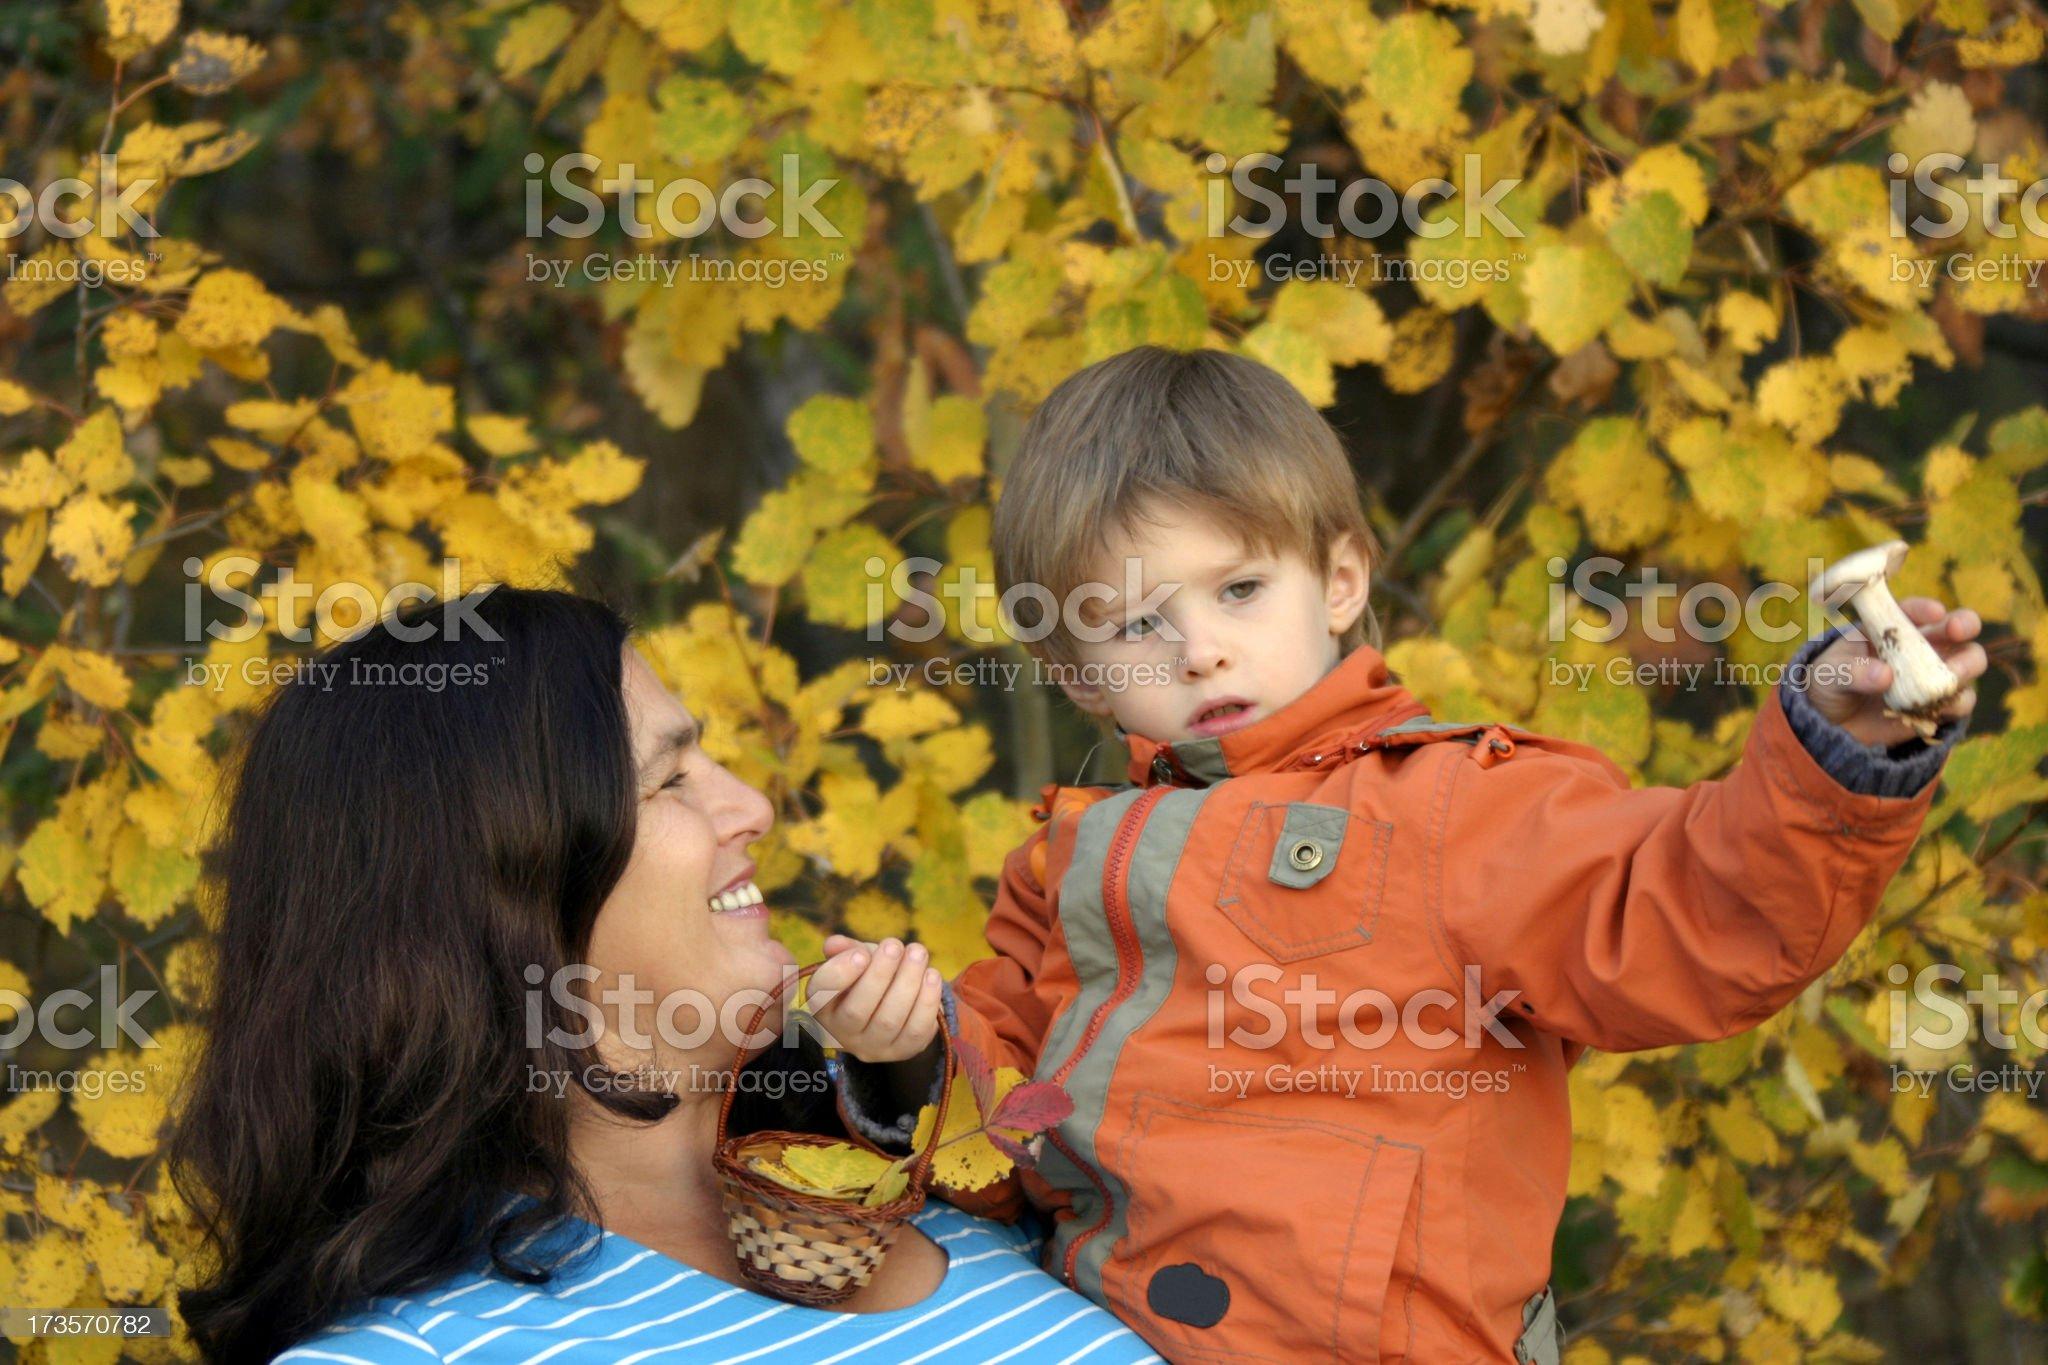 Autumn gift royalty-free stock photo